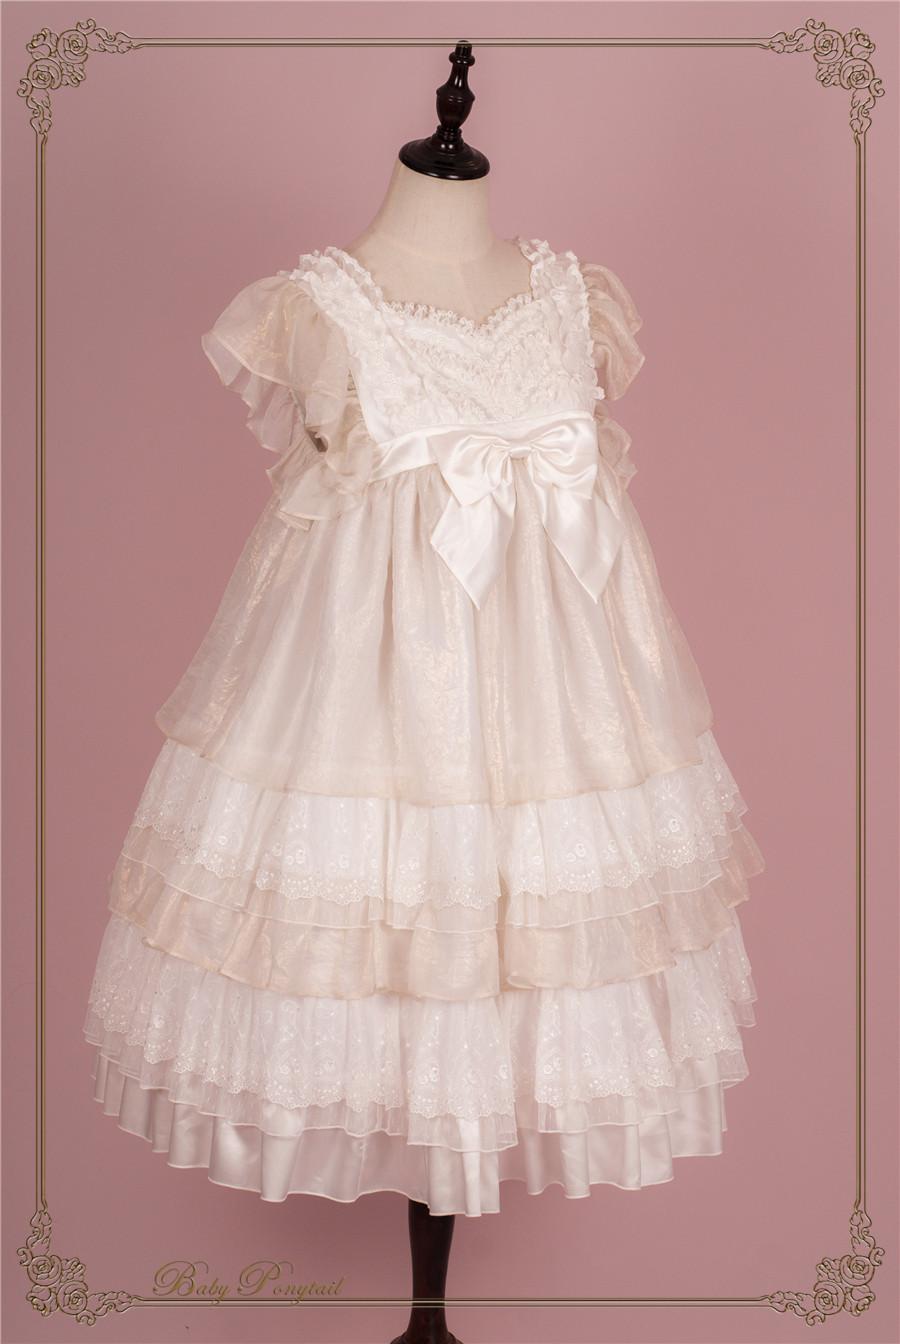 Babyponytail_Stock Photo_Present Angel_JSK White_2.jpg